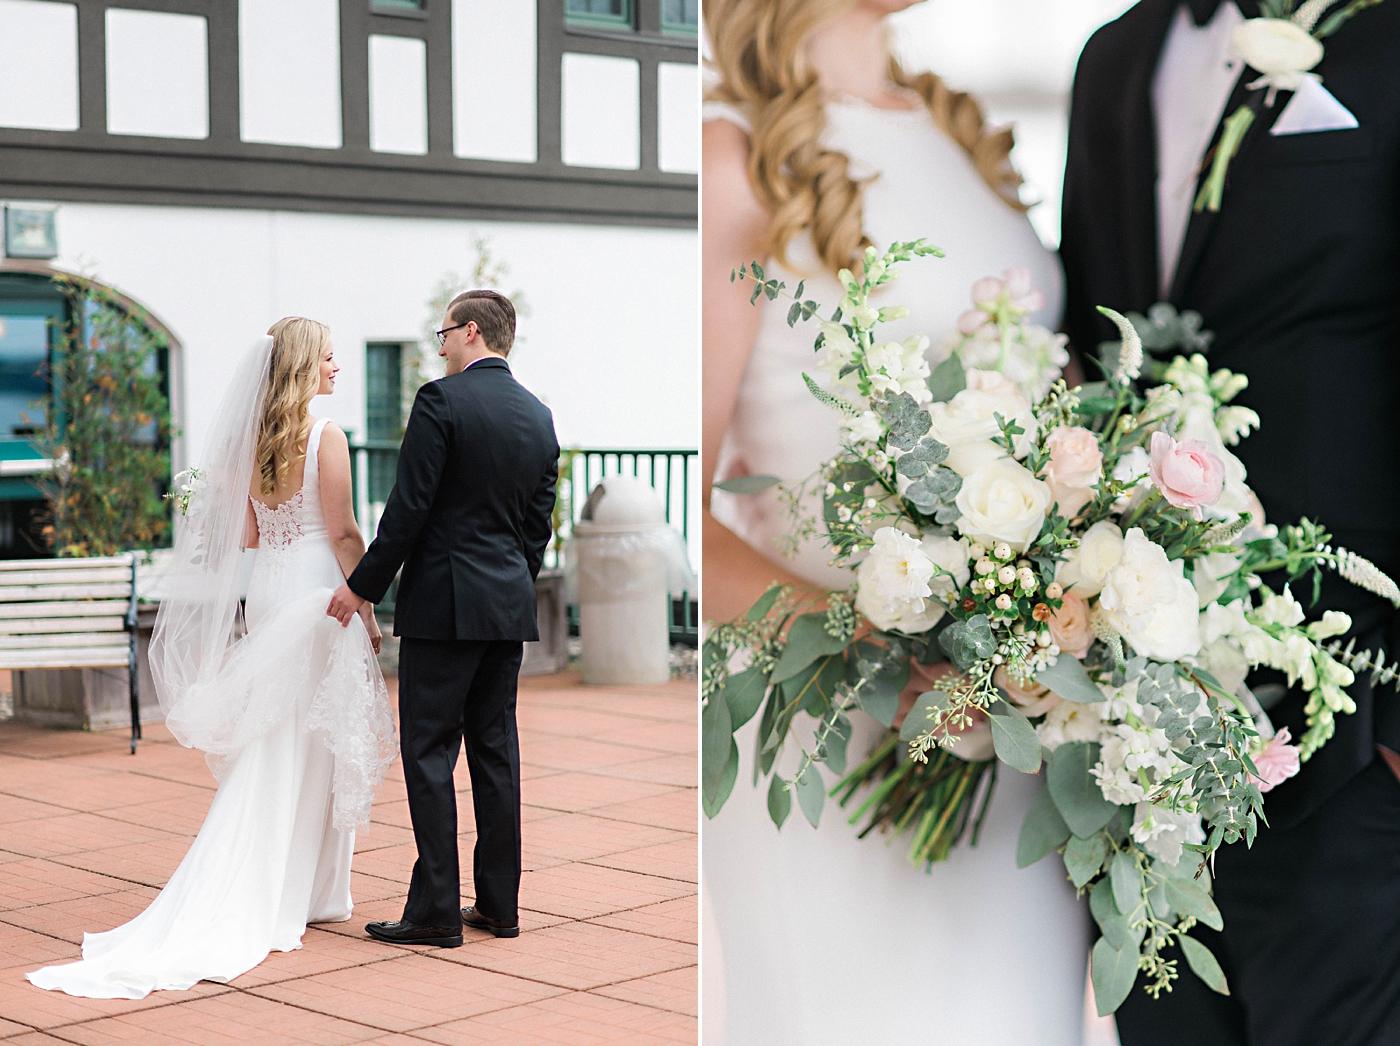 Halifax-Wedding-Photographer-New Brunswick Wedding- Nicolle & Ethan22.jpeg